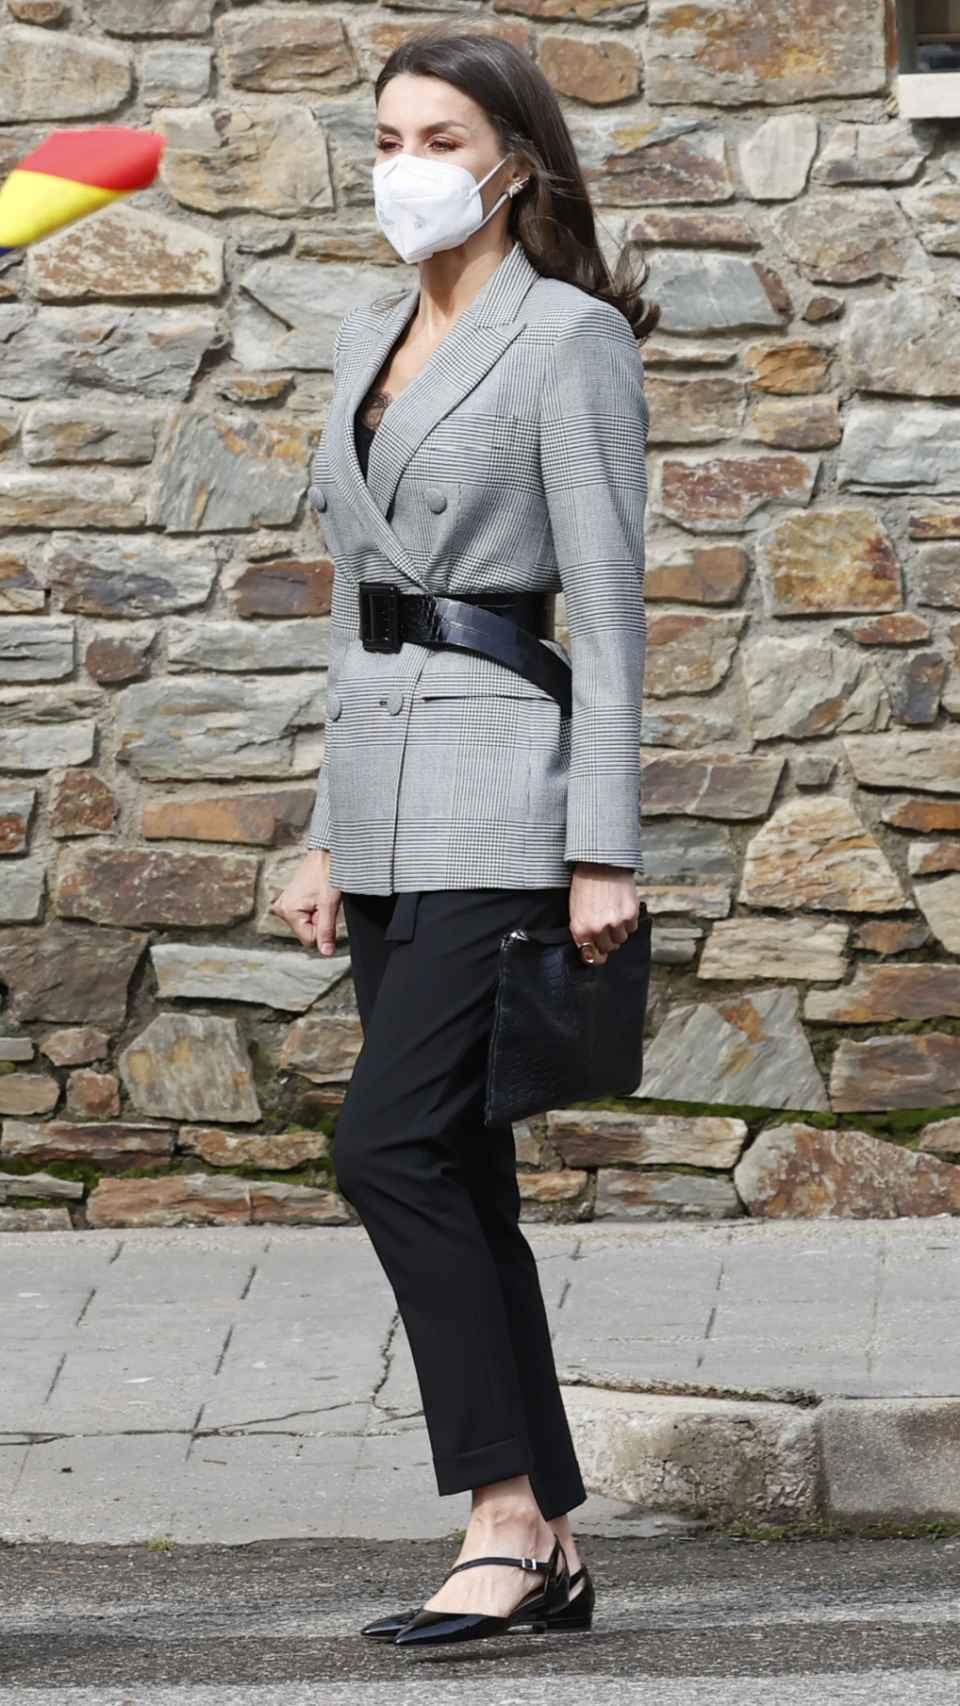 La Reina ha combinado su chaqueta con un pantalón 'cropped' HUgo Boss y unas bailarinas cerradas.